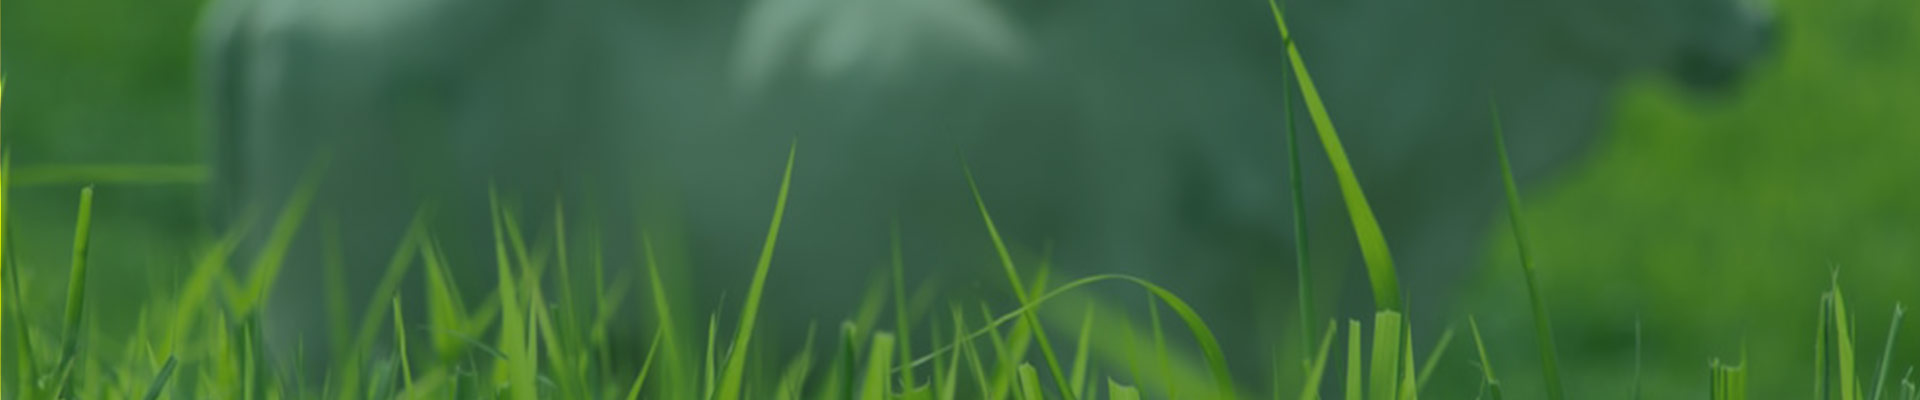 Os capins panicuns são plantas tropicais oriundas do continente africano, que foram introduzidas no Brasil como forrageiras com grande sucesso, principalmente no Centro-Oeste e Norte brasileiro. Apesar da finalidade de ambas (panicuns e brachiarias) serem para formação de pastagem, são de gêneros diferentes.